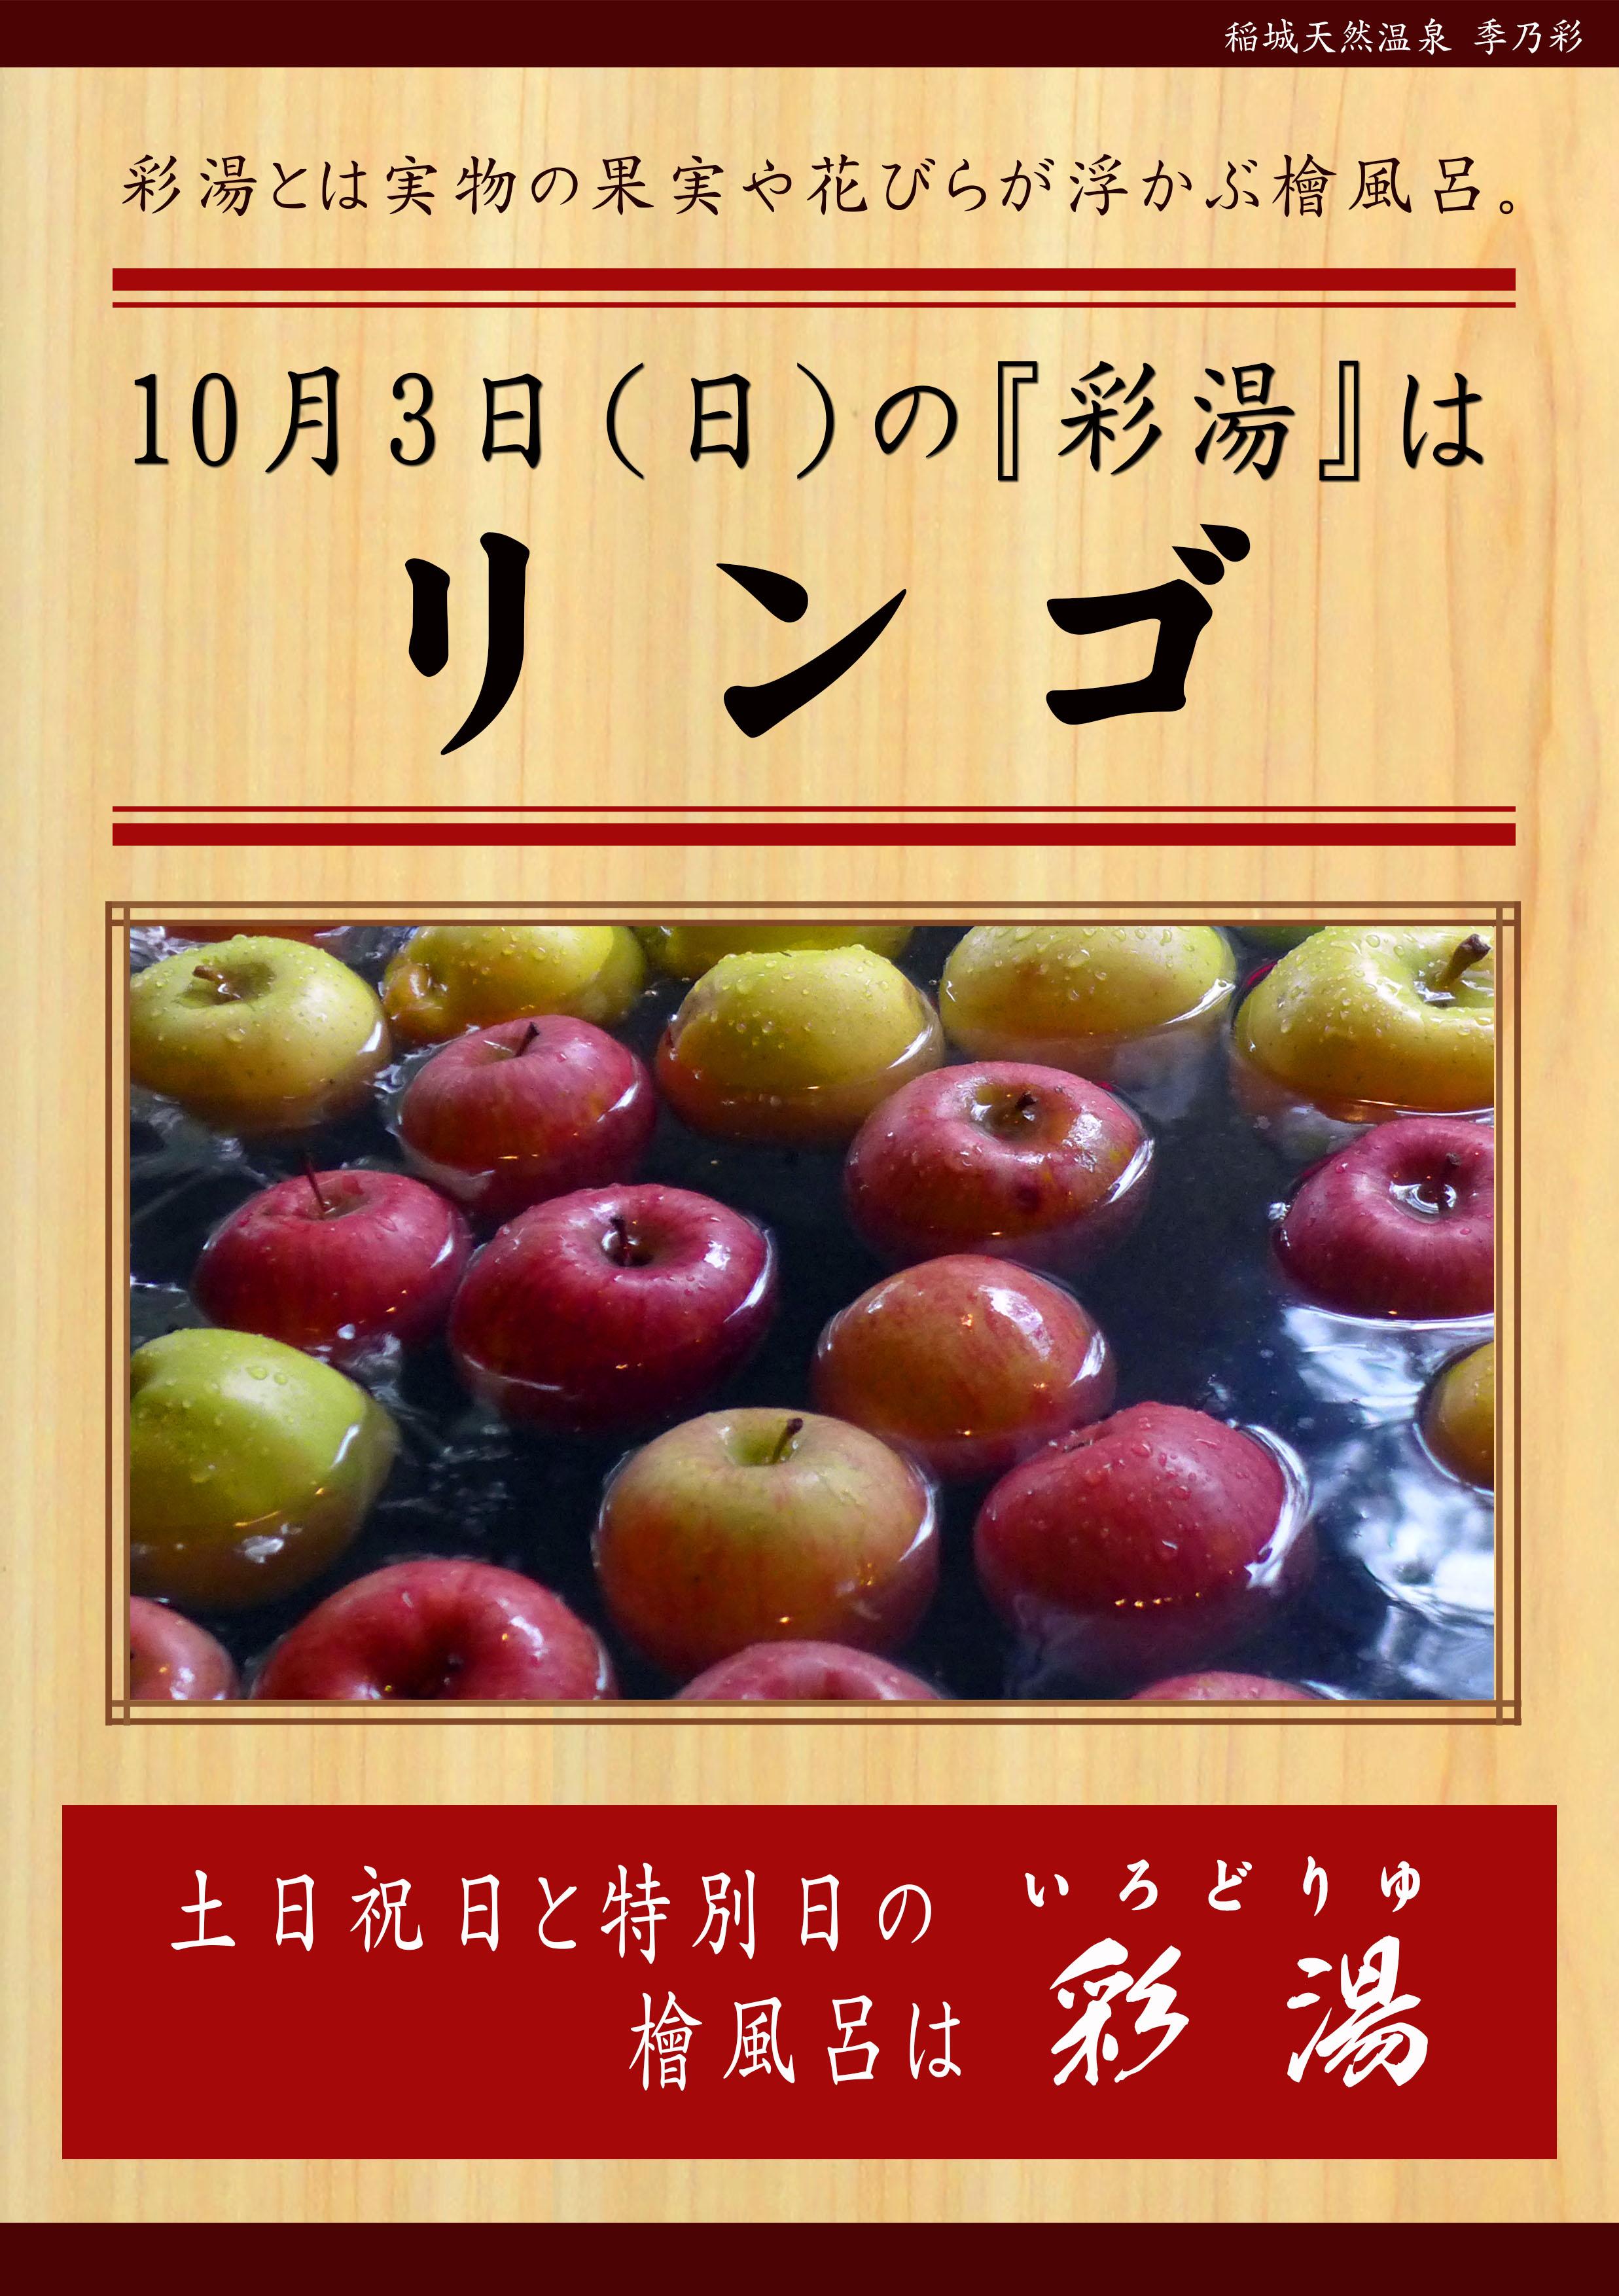 20211003 POP イベント 彩湯 リンゴ